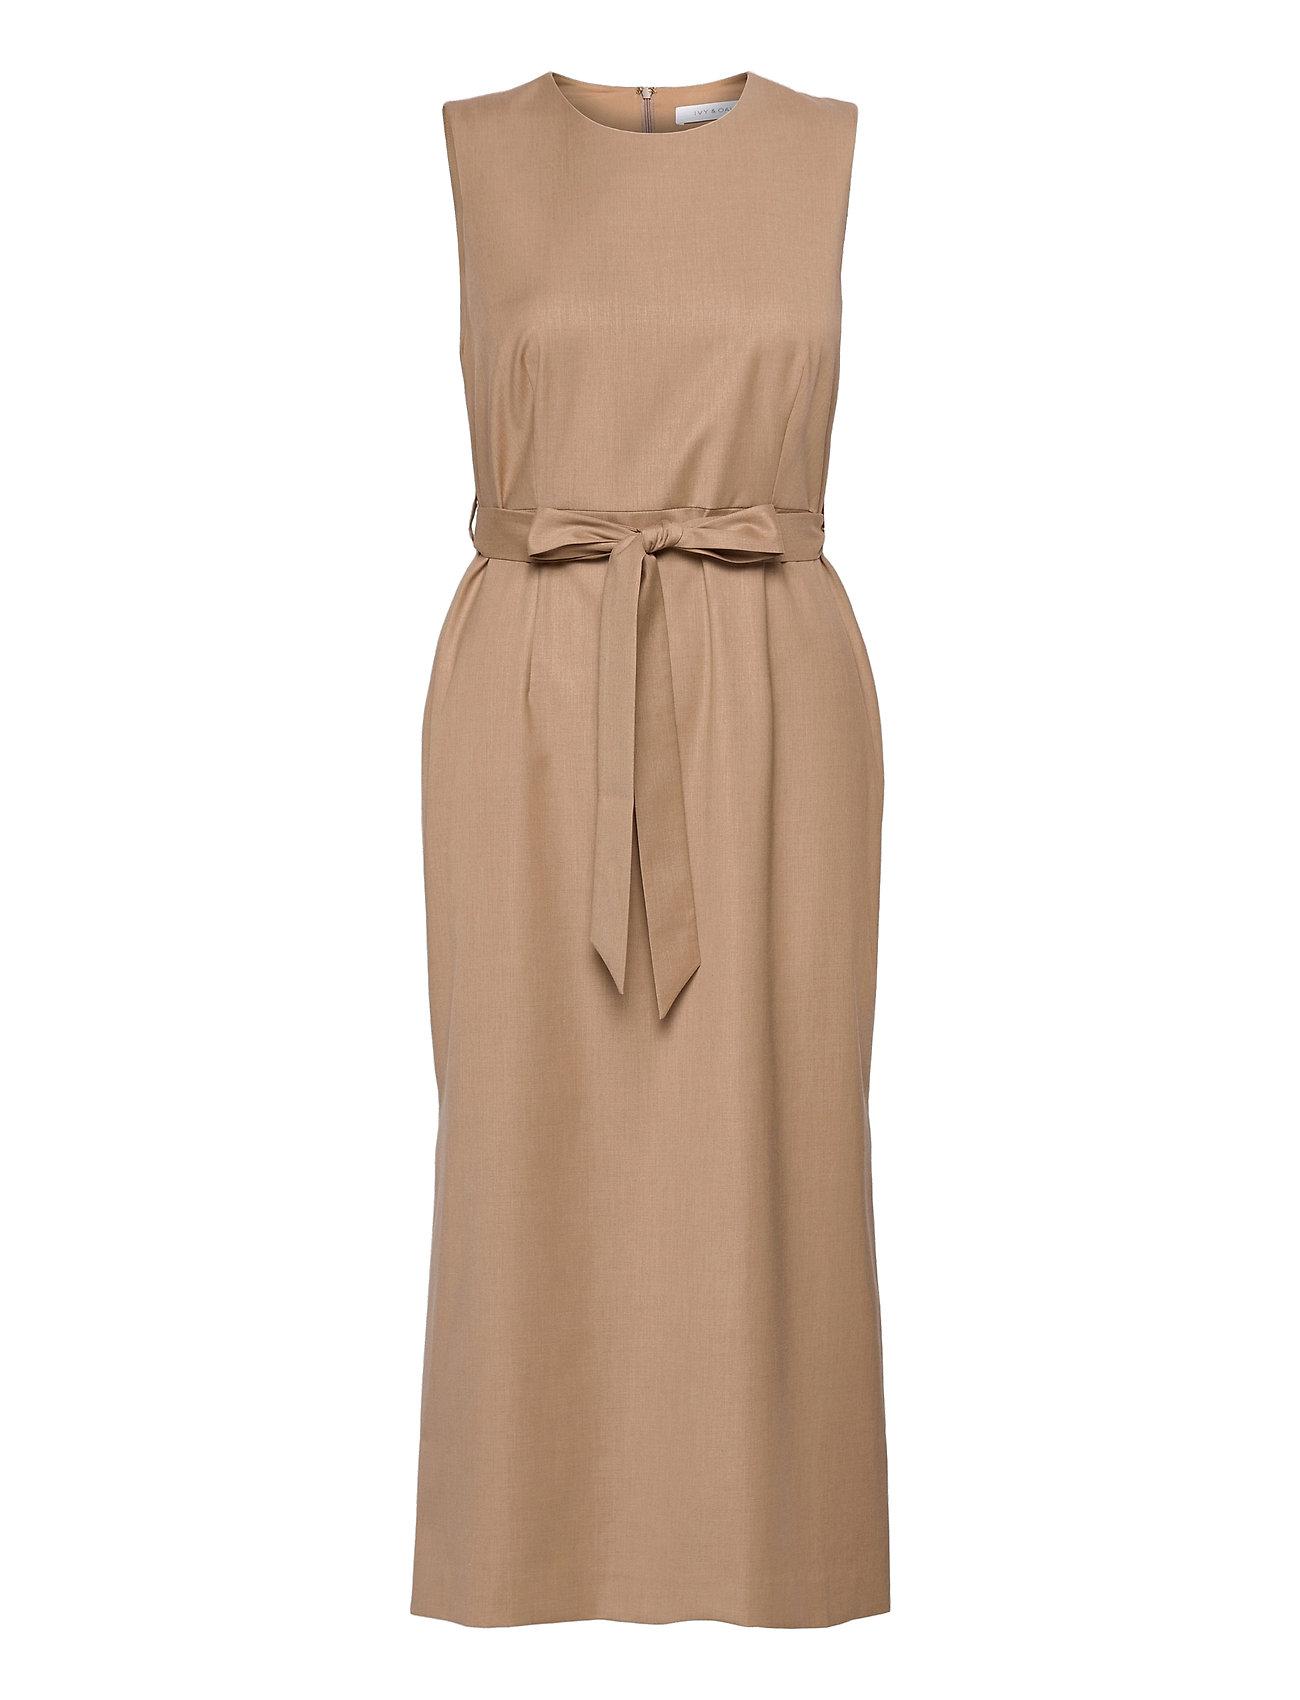 Image of Belted Dress Midi Length Knælang Kjole Beige Ivy & Oak (3468424601)